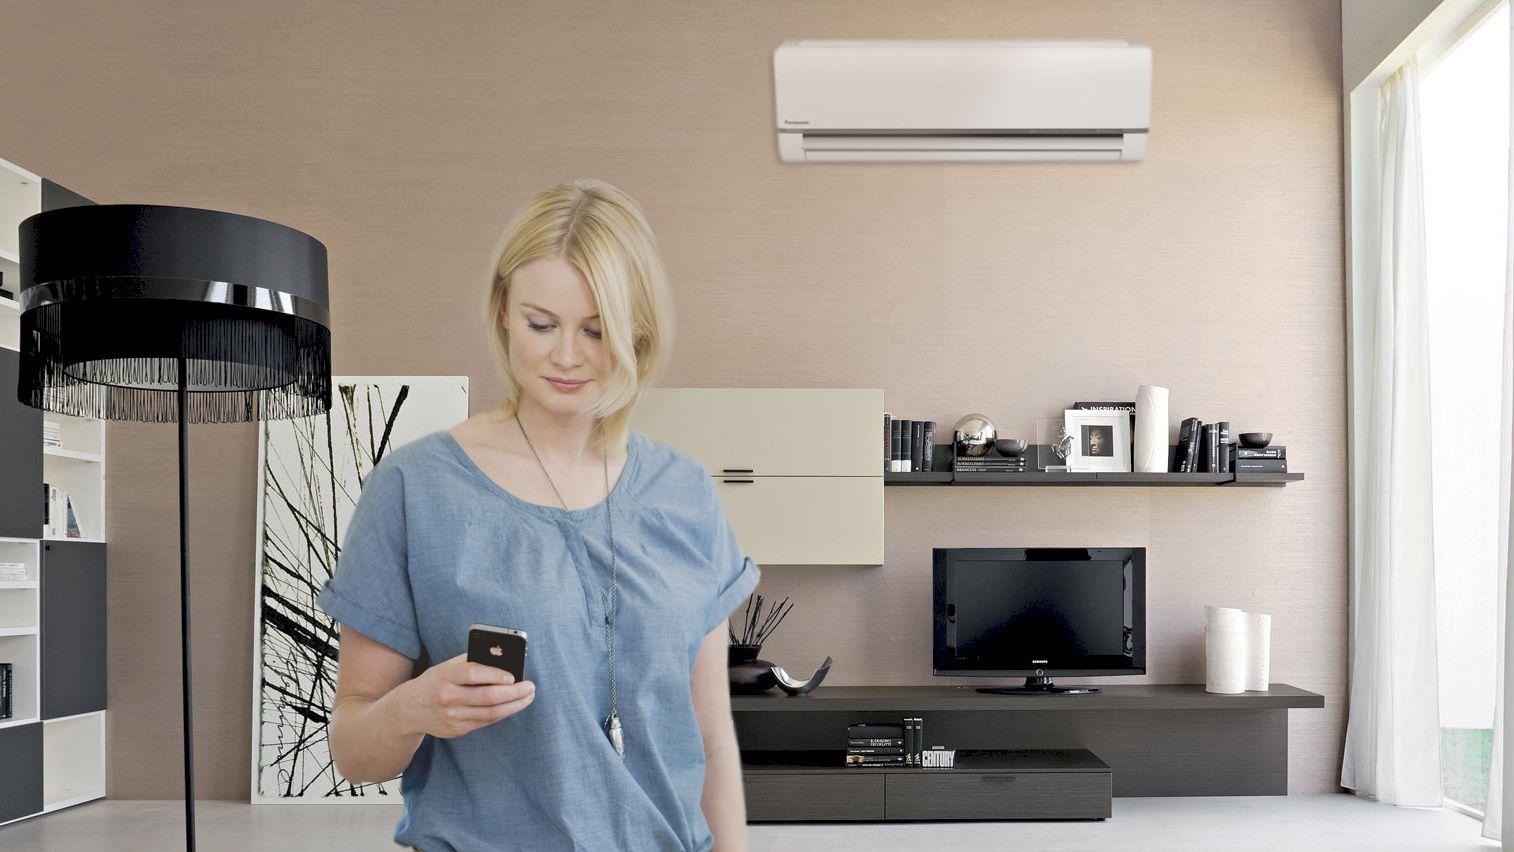 Nå skal varmepumpa kommunisere med resten av huset ditt